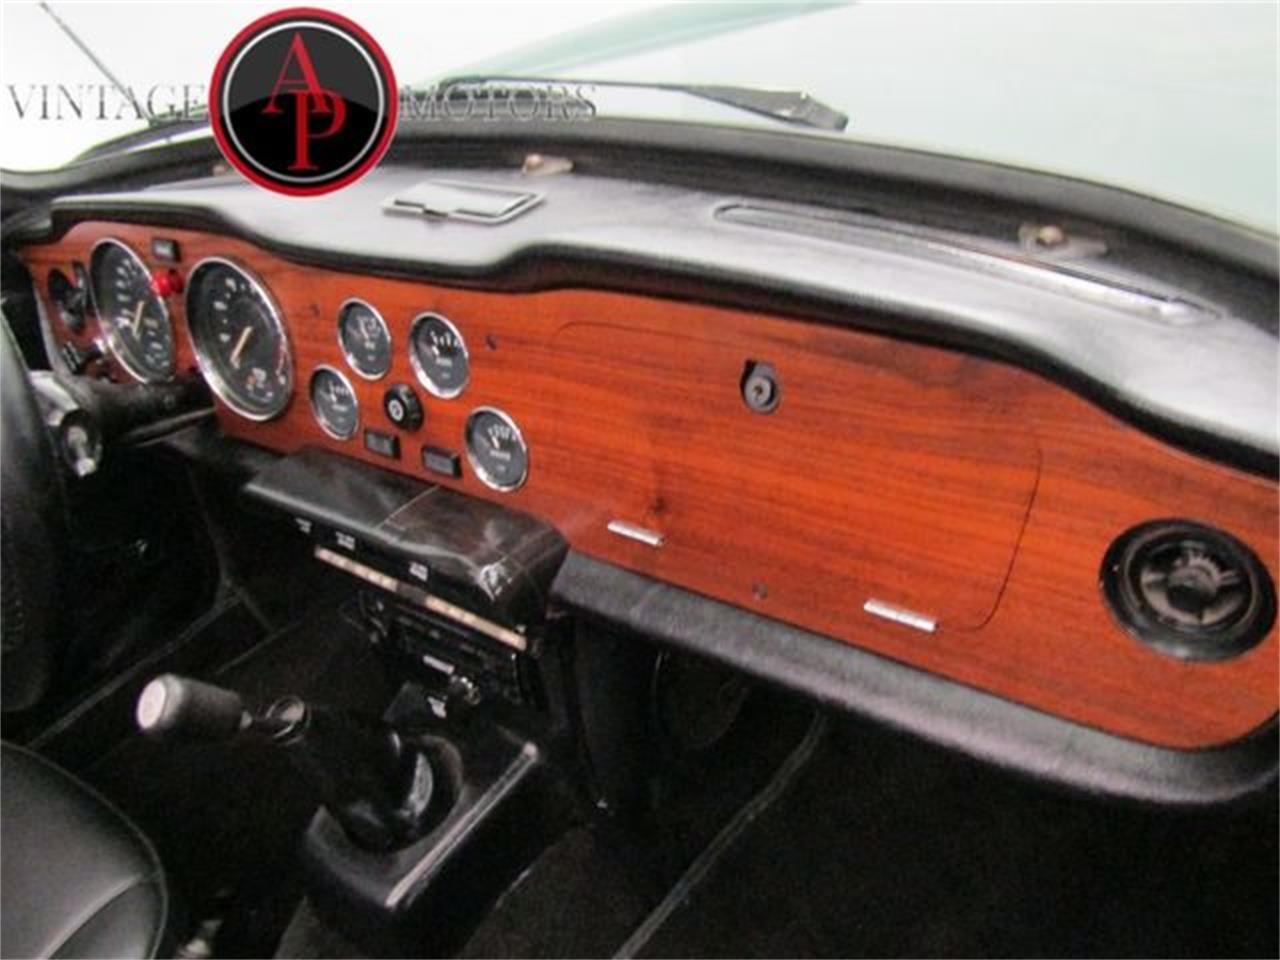 1974 Triumph TR6 (CC-1350020) for sale in Statesville, North Carolina